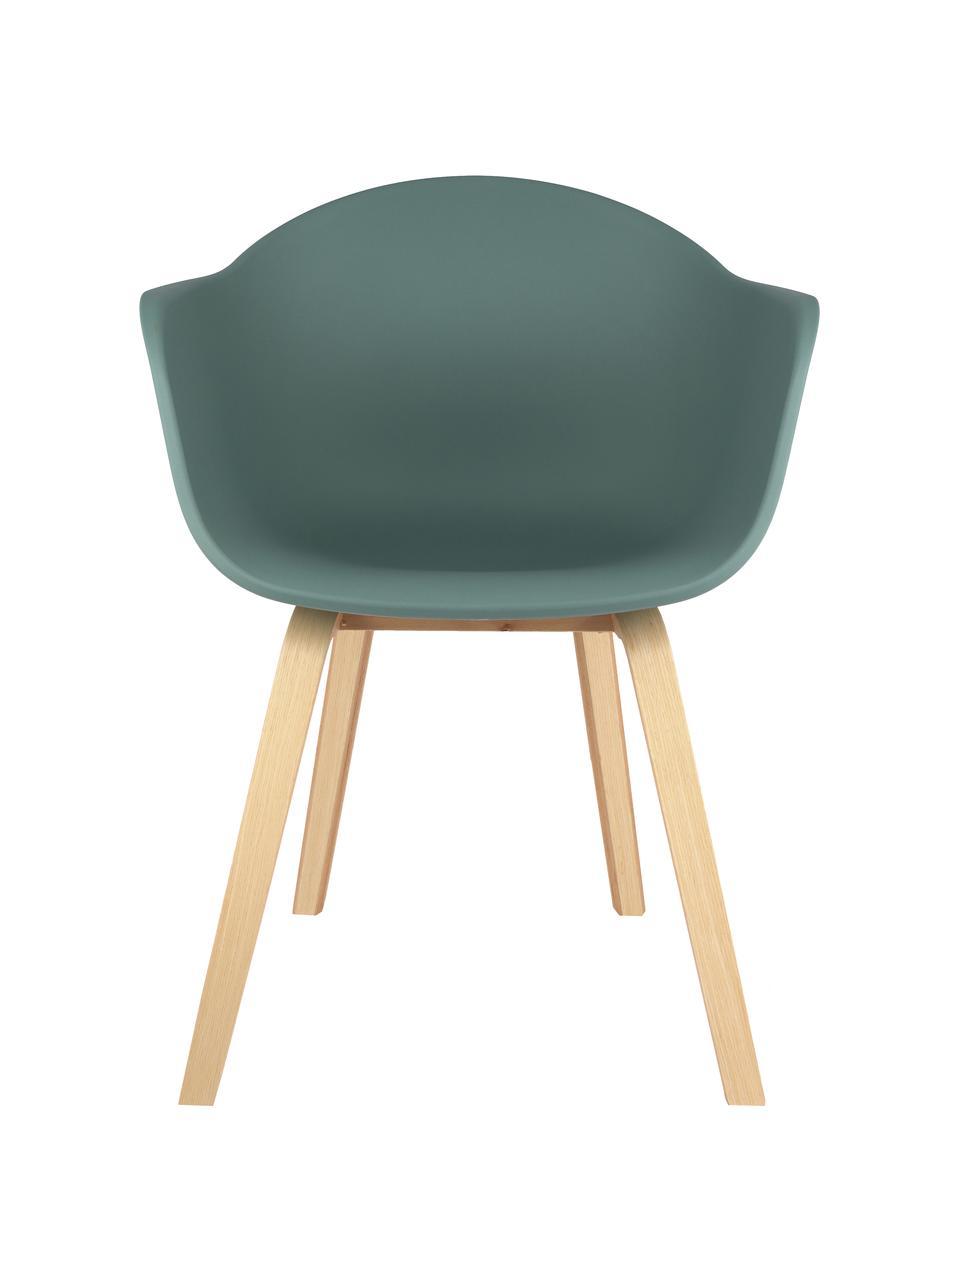 Sedia con braccioli e gambe in legno Claire, Seduta: materiale sintetico, Gambe: legno di faggio Il legno , Seduta: verde Gambe: legno di faggio, Larg. 60 x Alt. 54 cm